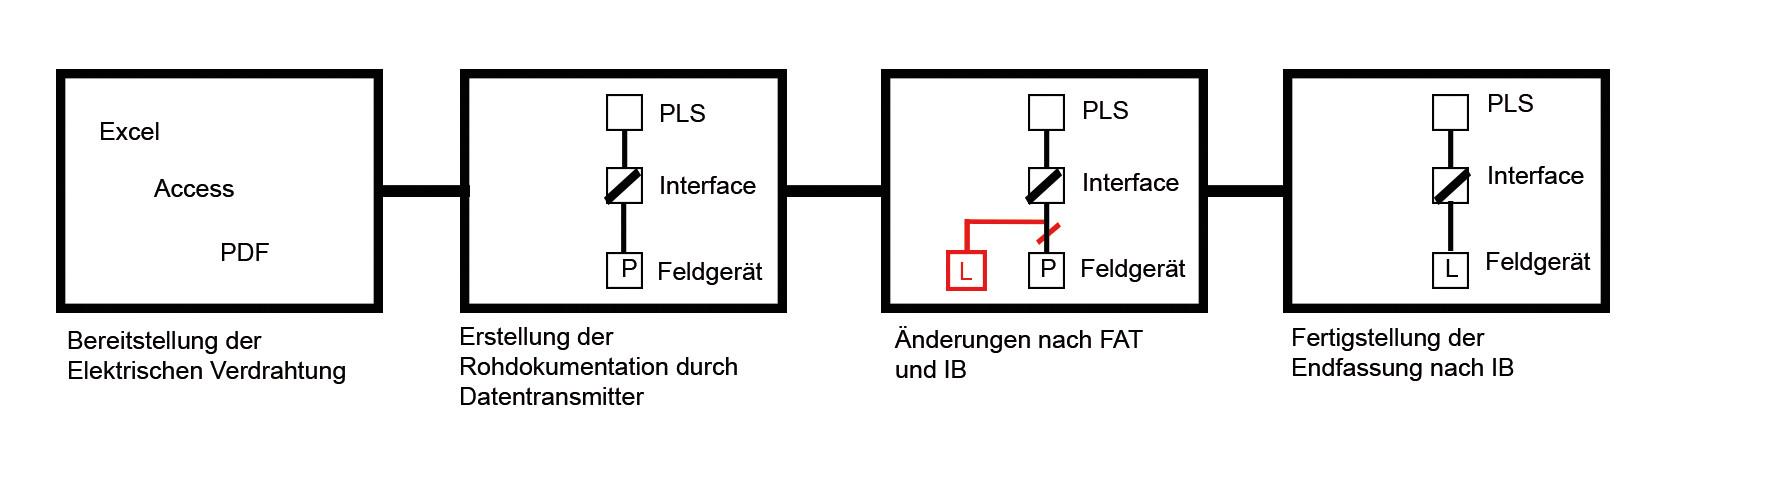 Fein Elektrische Verkabelung Pdf Ideen - Elektrische Schaltplan ...